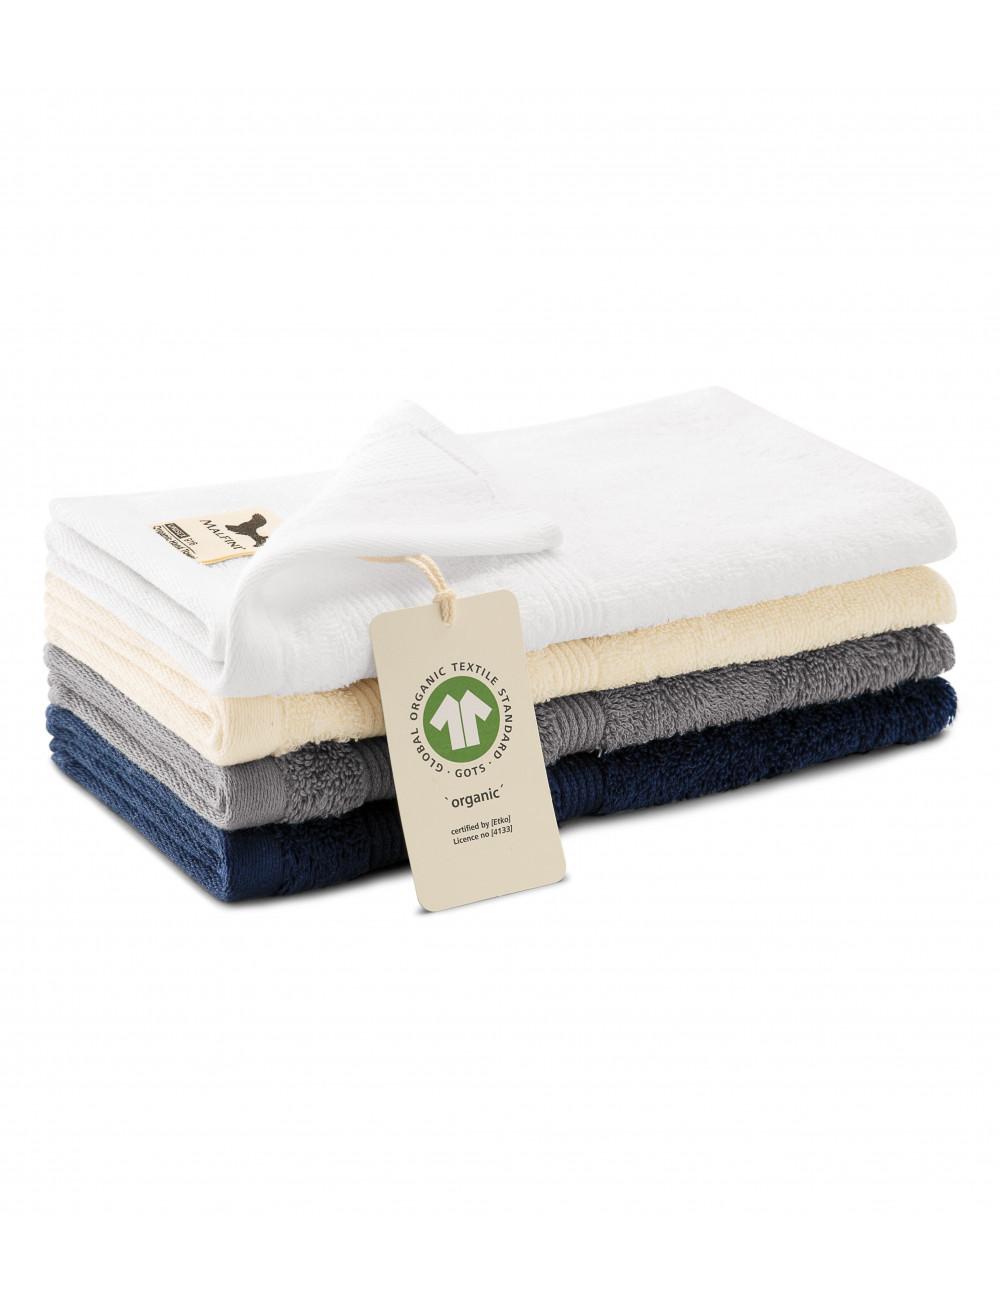 Adler MALFINI Ręcznik mały unisex Organic 916 szaroczarny melanż